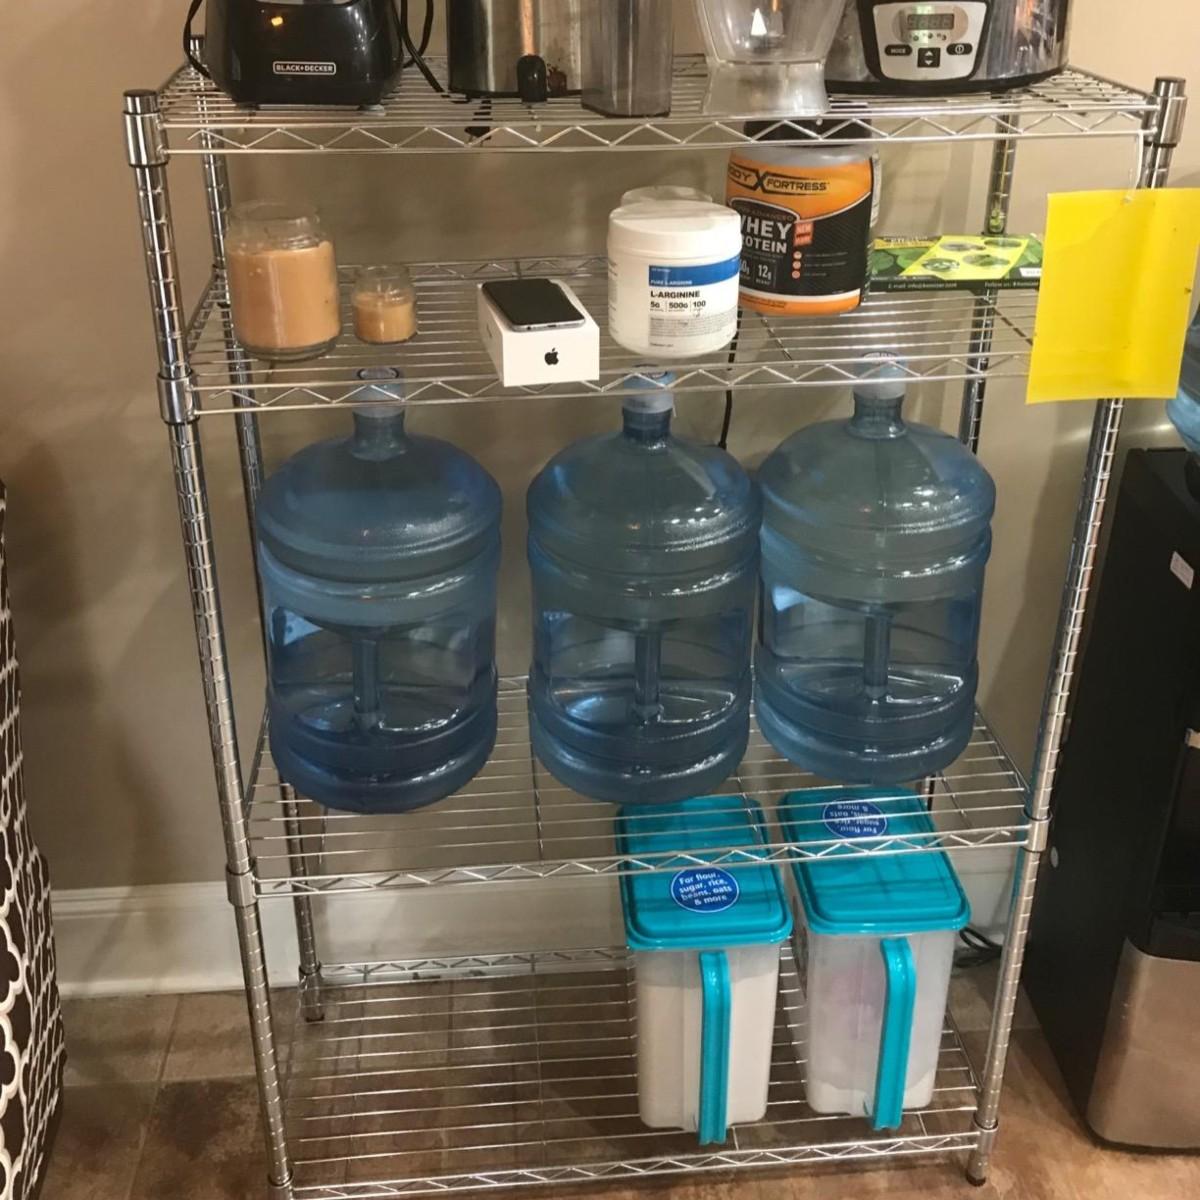 4-shelf storage unit holding large bottles of water